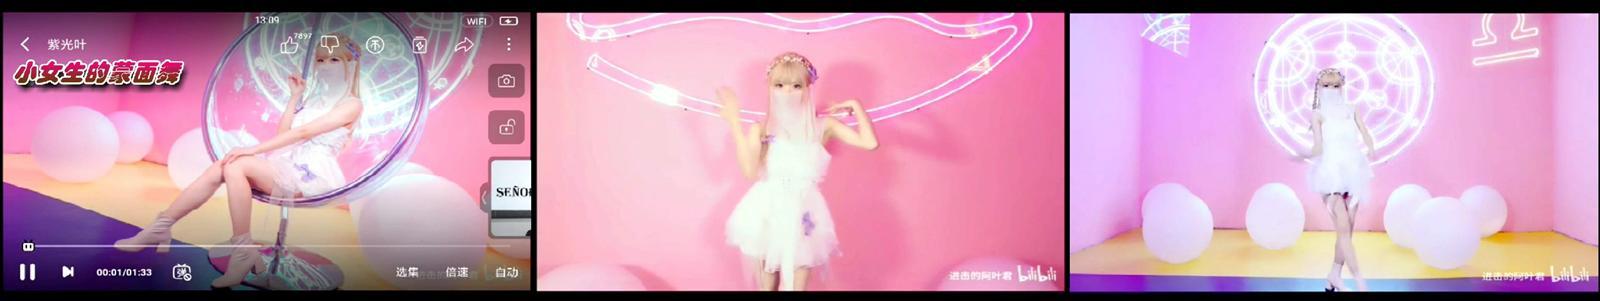 【视频】小女生的蒙面舞-截屏